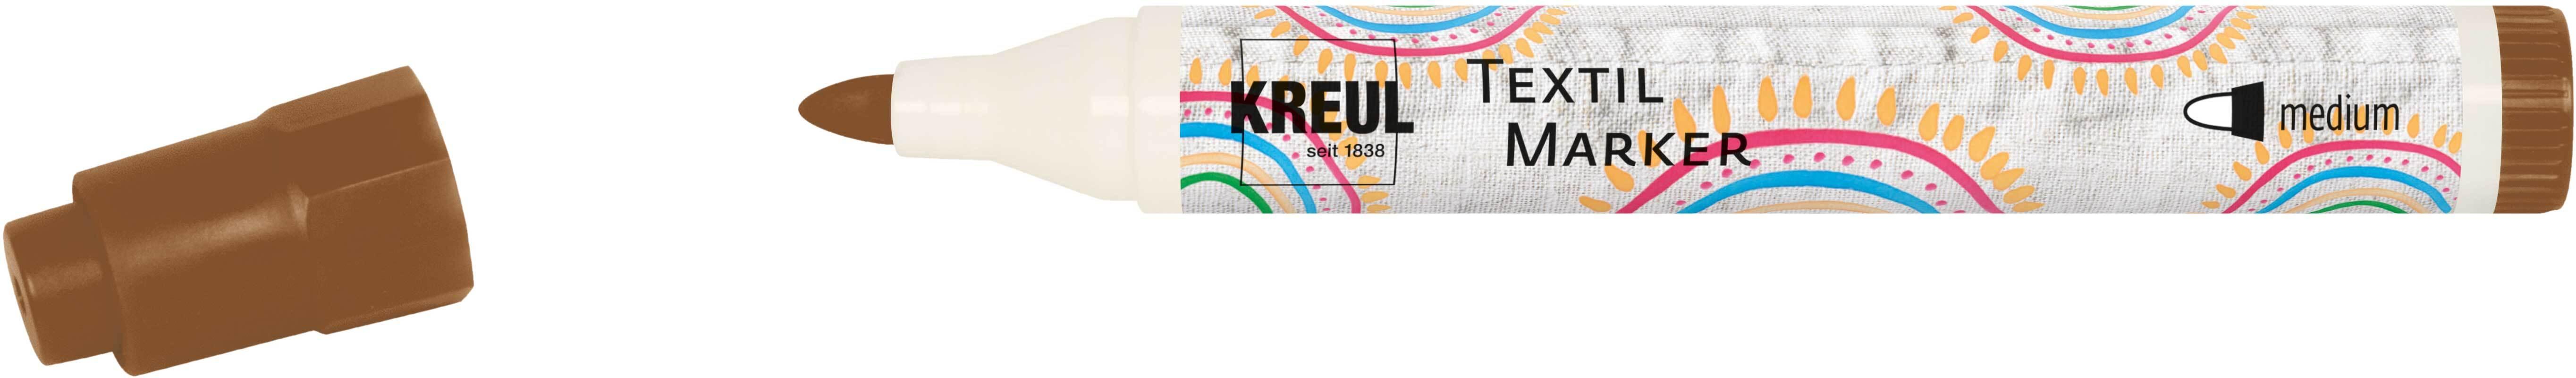 Marqueur textile - médium 2-4 mm, brun